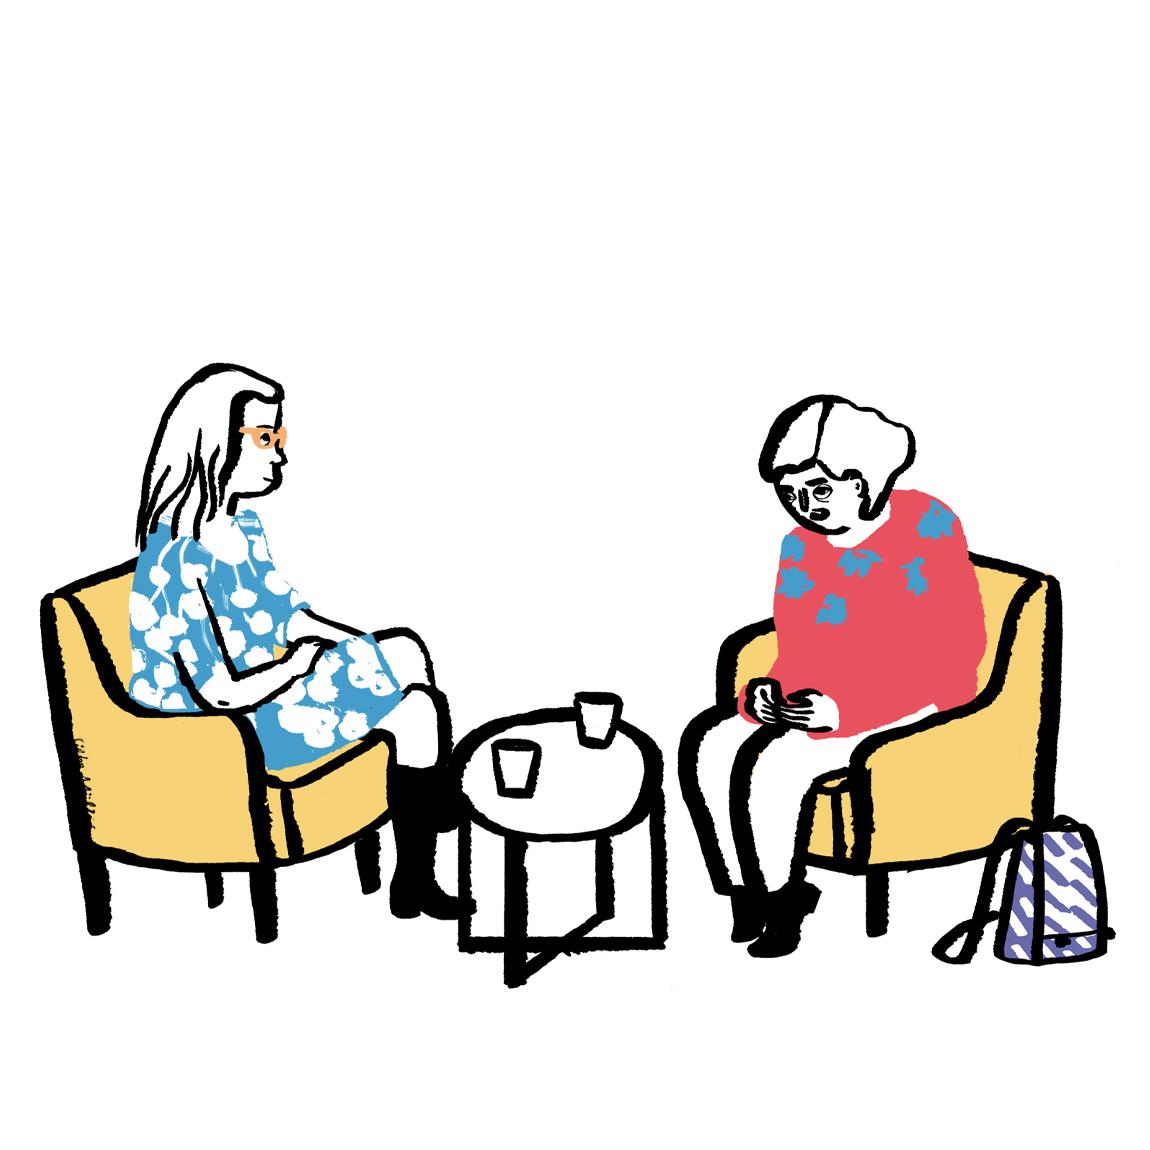 Maria ist bei der Frauenberatung und spricht mit der Psychologin dort.